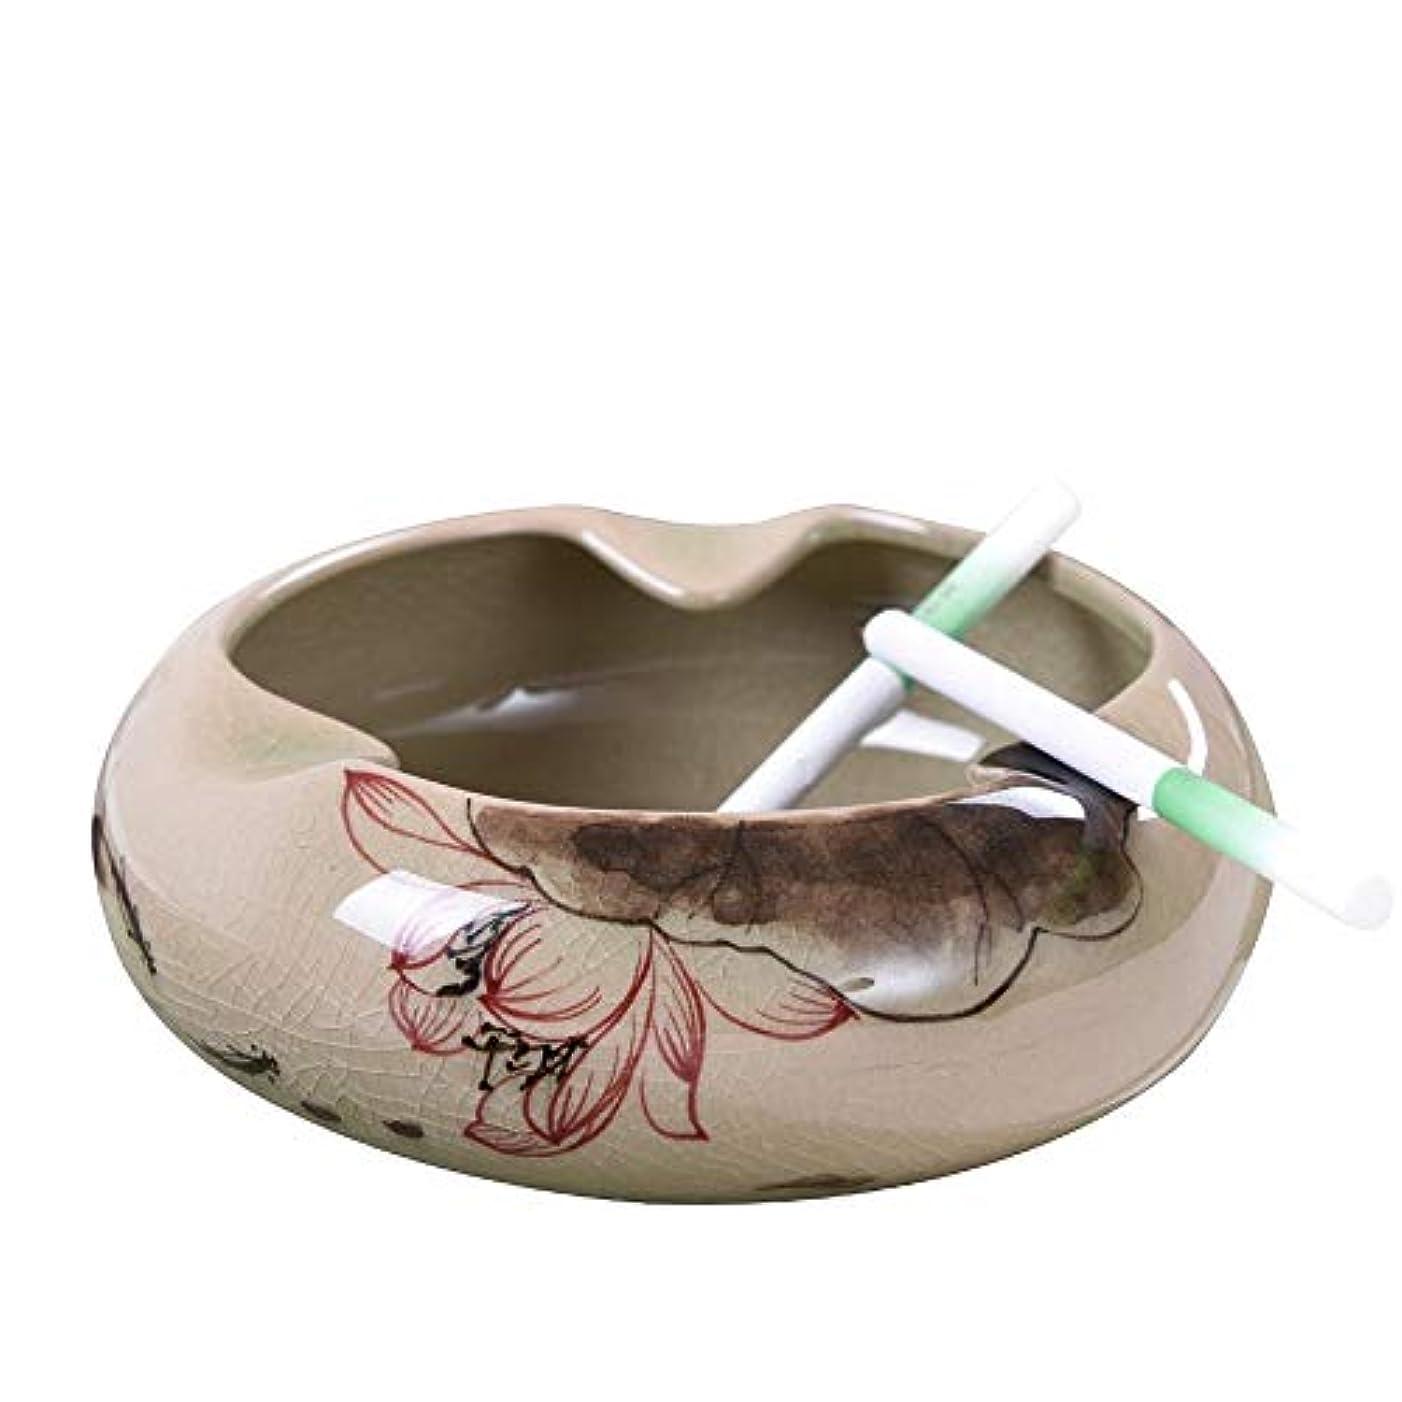 心配信じられないブレンドセラミック灰皿中国のレトロな手描きの創造的な人格の傾向中国風のリビングルームのコーヒーテーブルホームふた付き灰皿